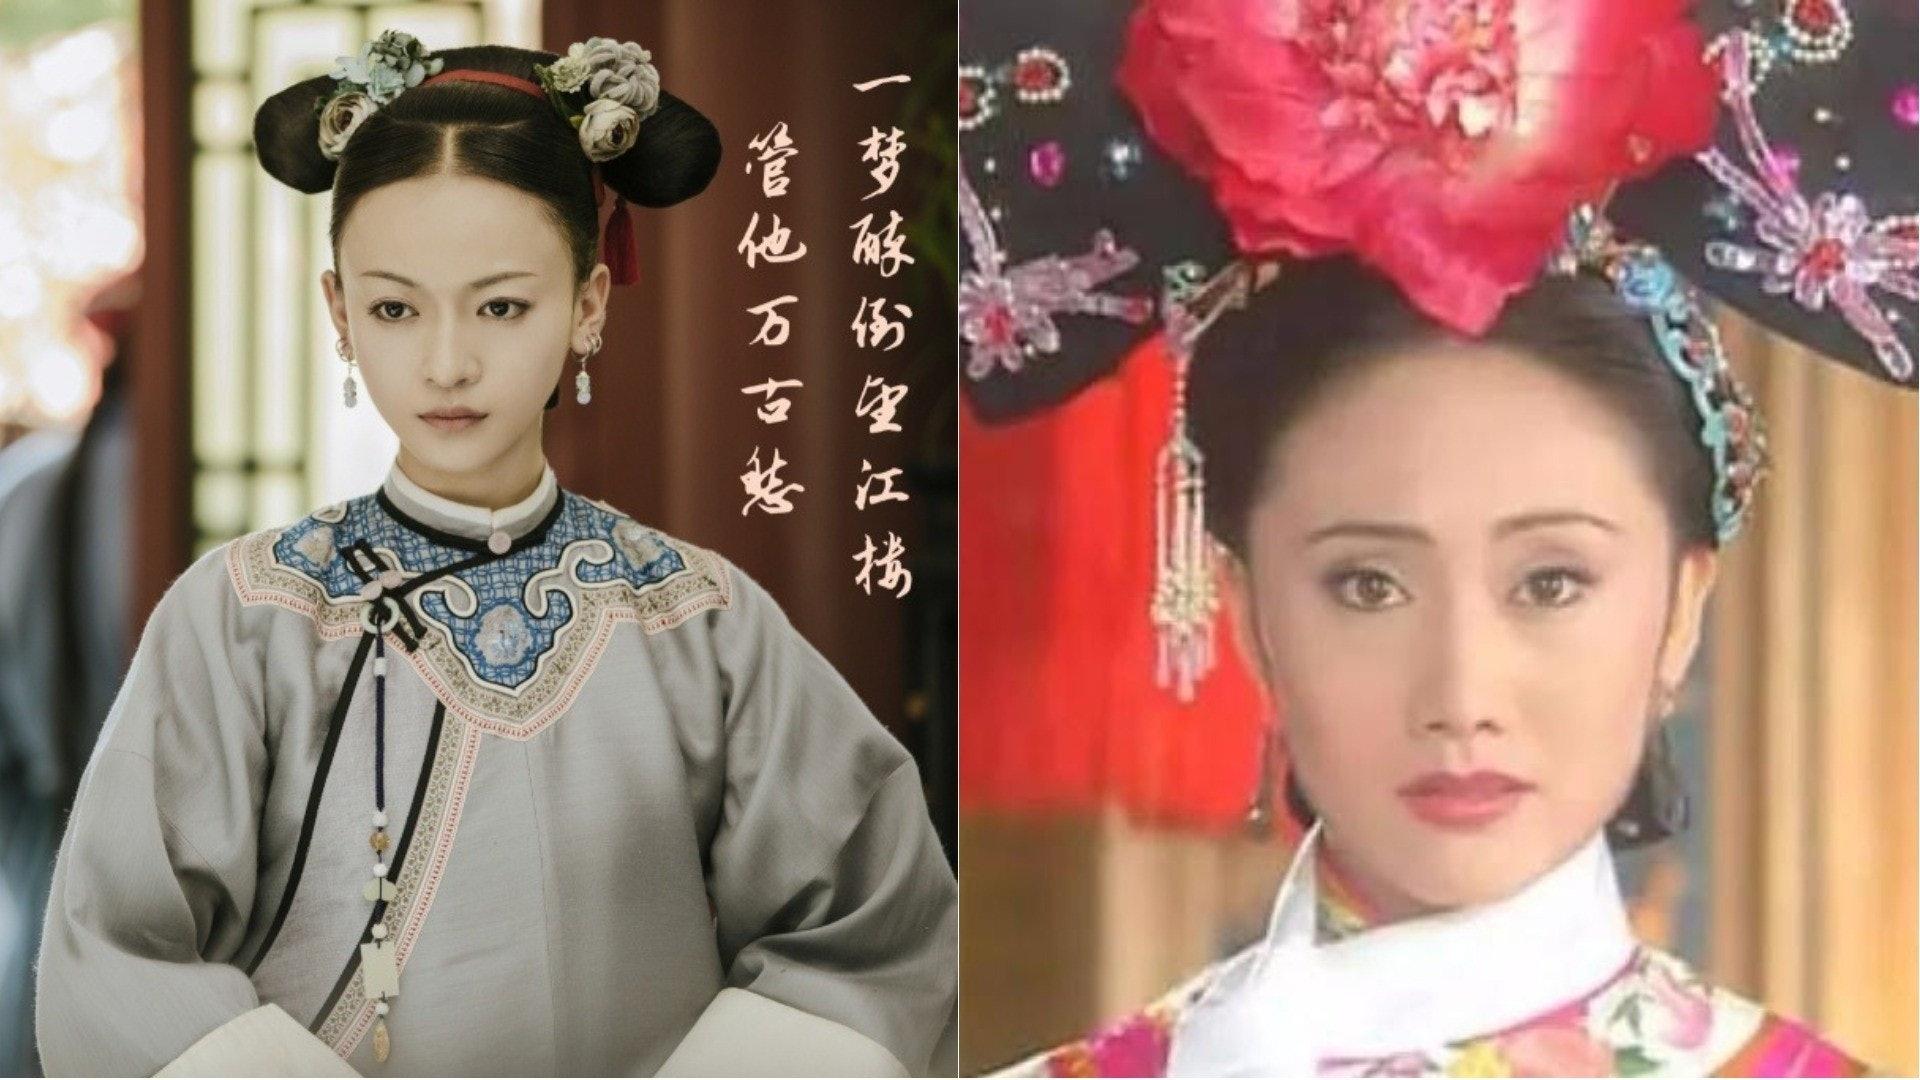 《延禧攻略》今次啟用90後演員吳謹言作女主角,由她扮演的令妃一改以往被人欺負的特點,一來就設局陷害小主,面對欺凌也霸氣反擊。(網絡圖片)